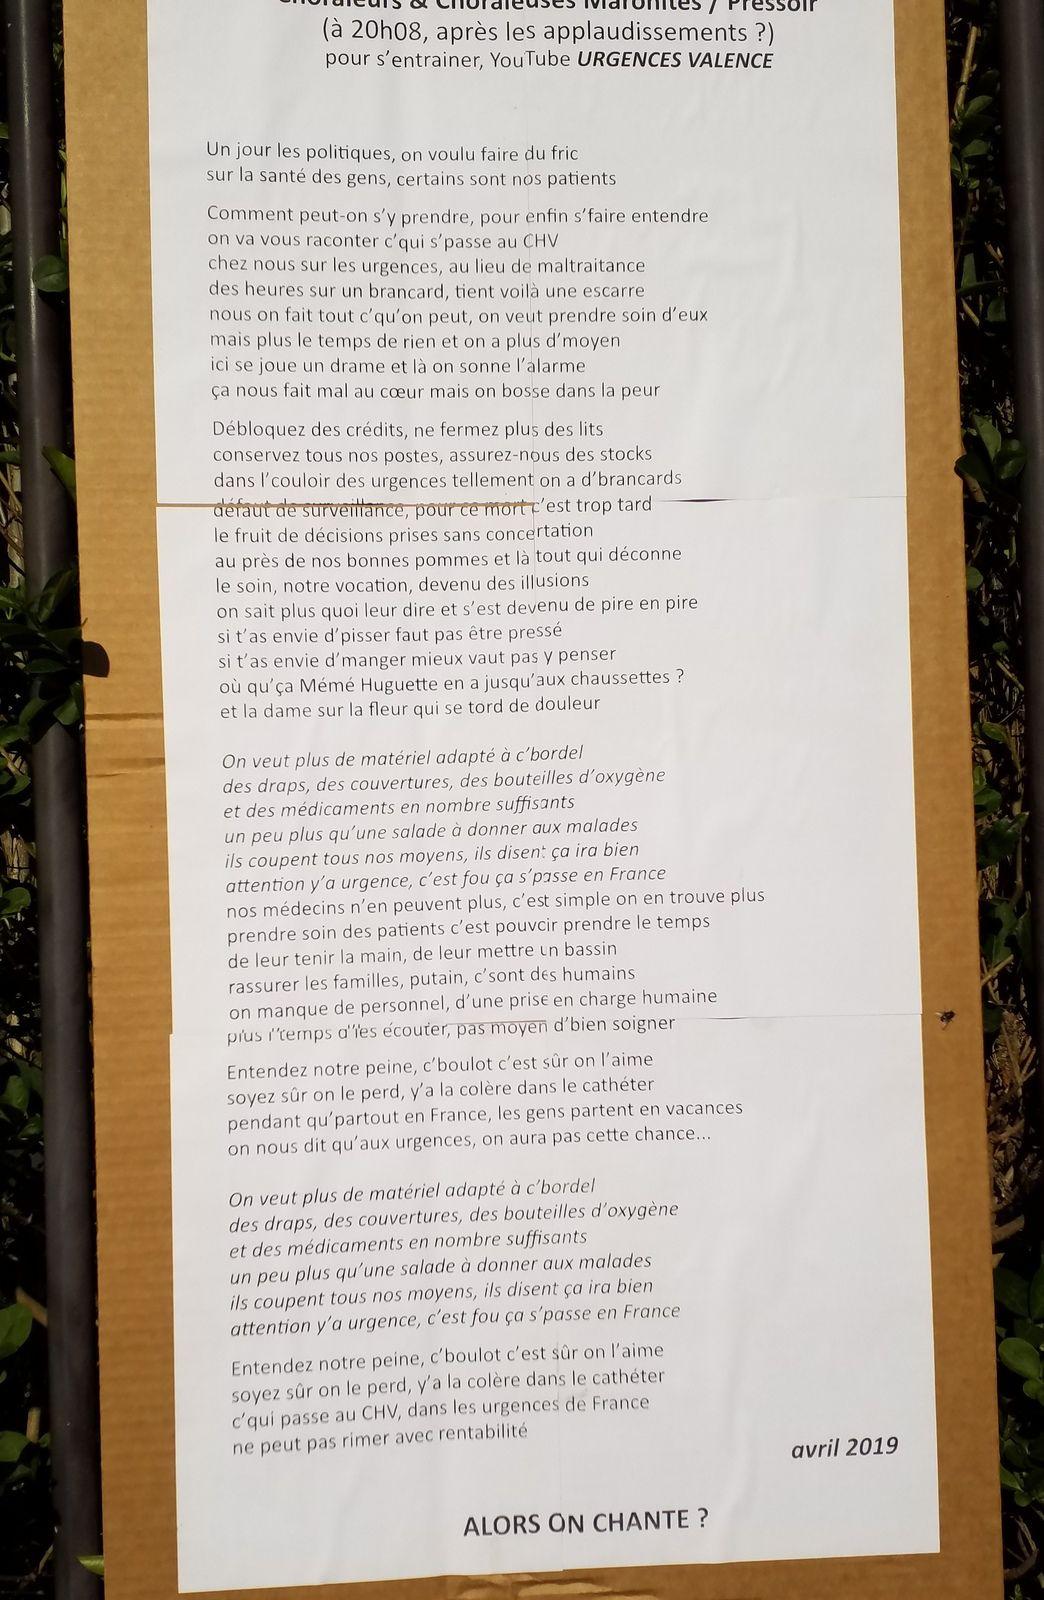 Rue des Maronites Paris 20°, r du Chemin Vert, Paris 11°, 26/02/20